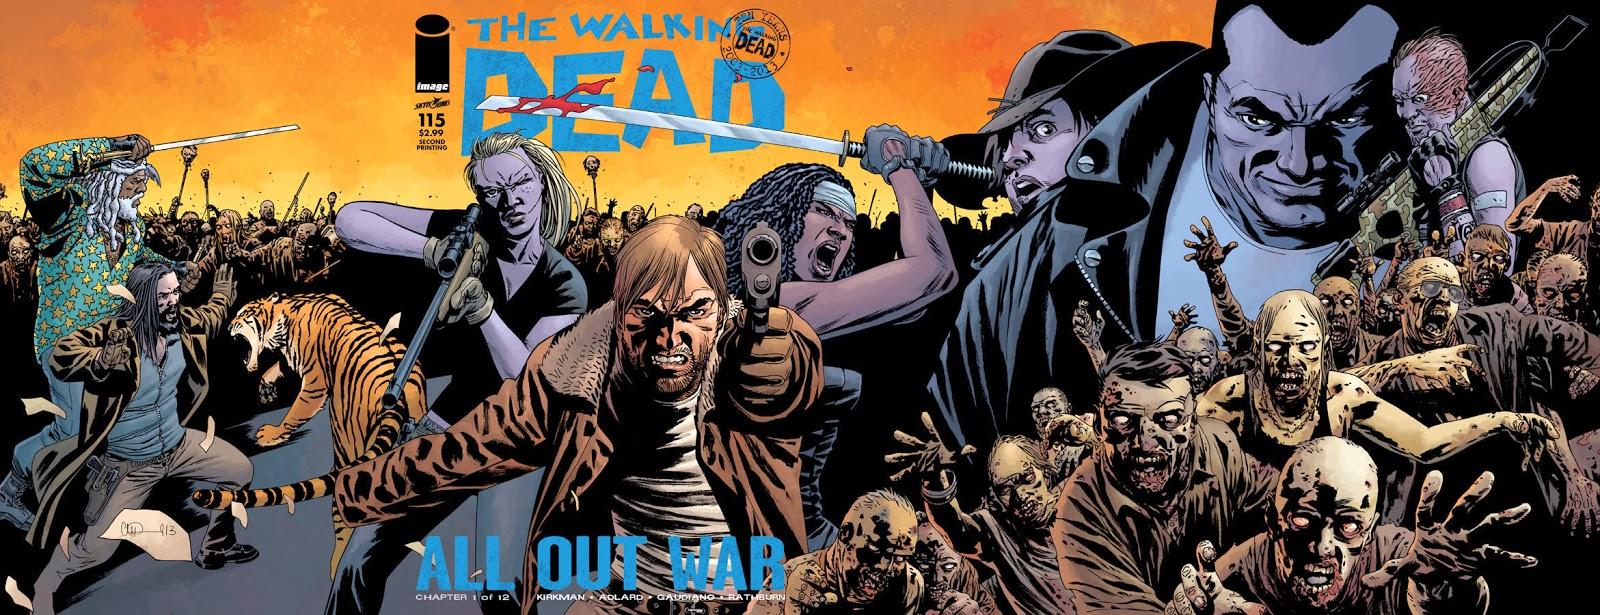 Dead pdf book walking comic